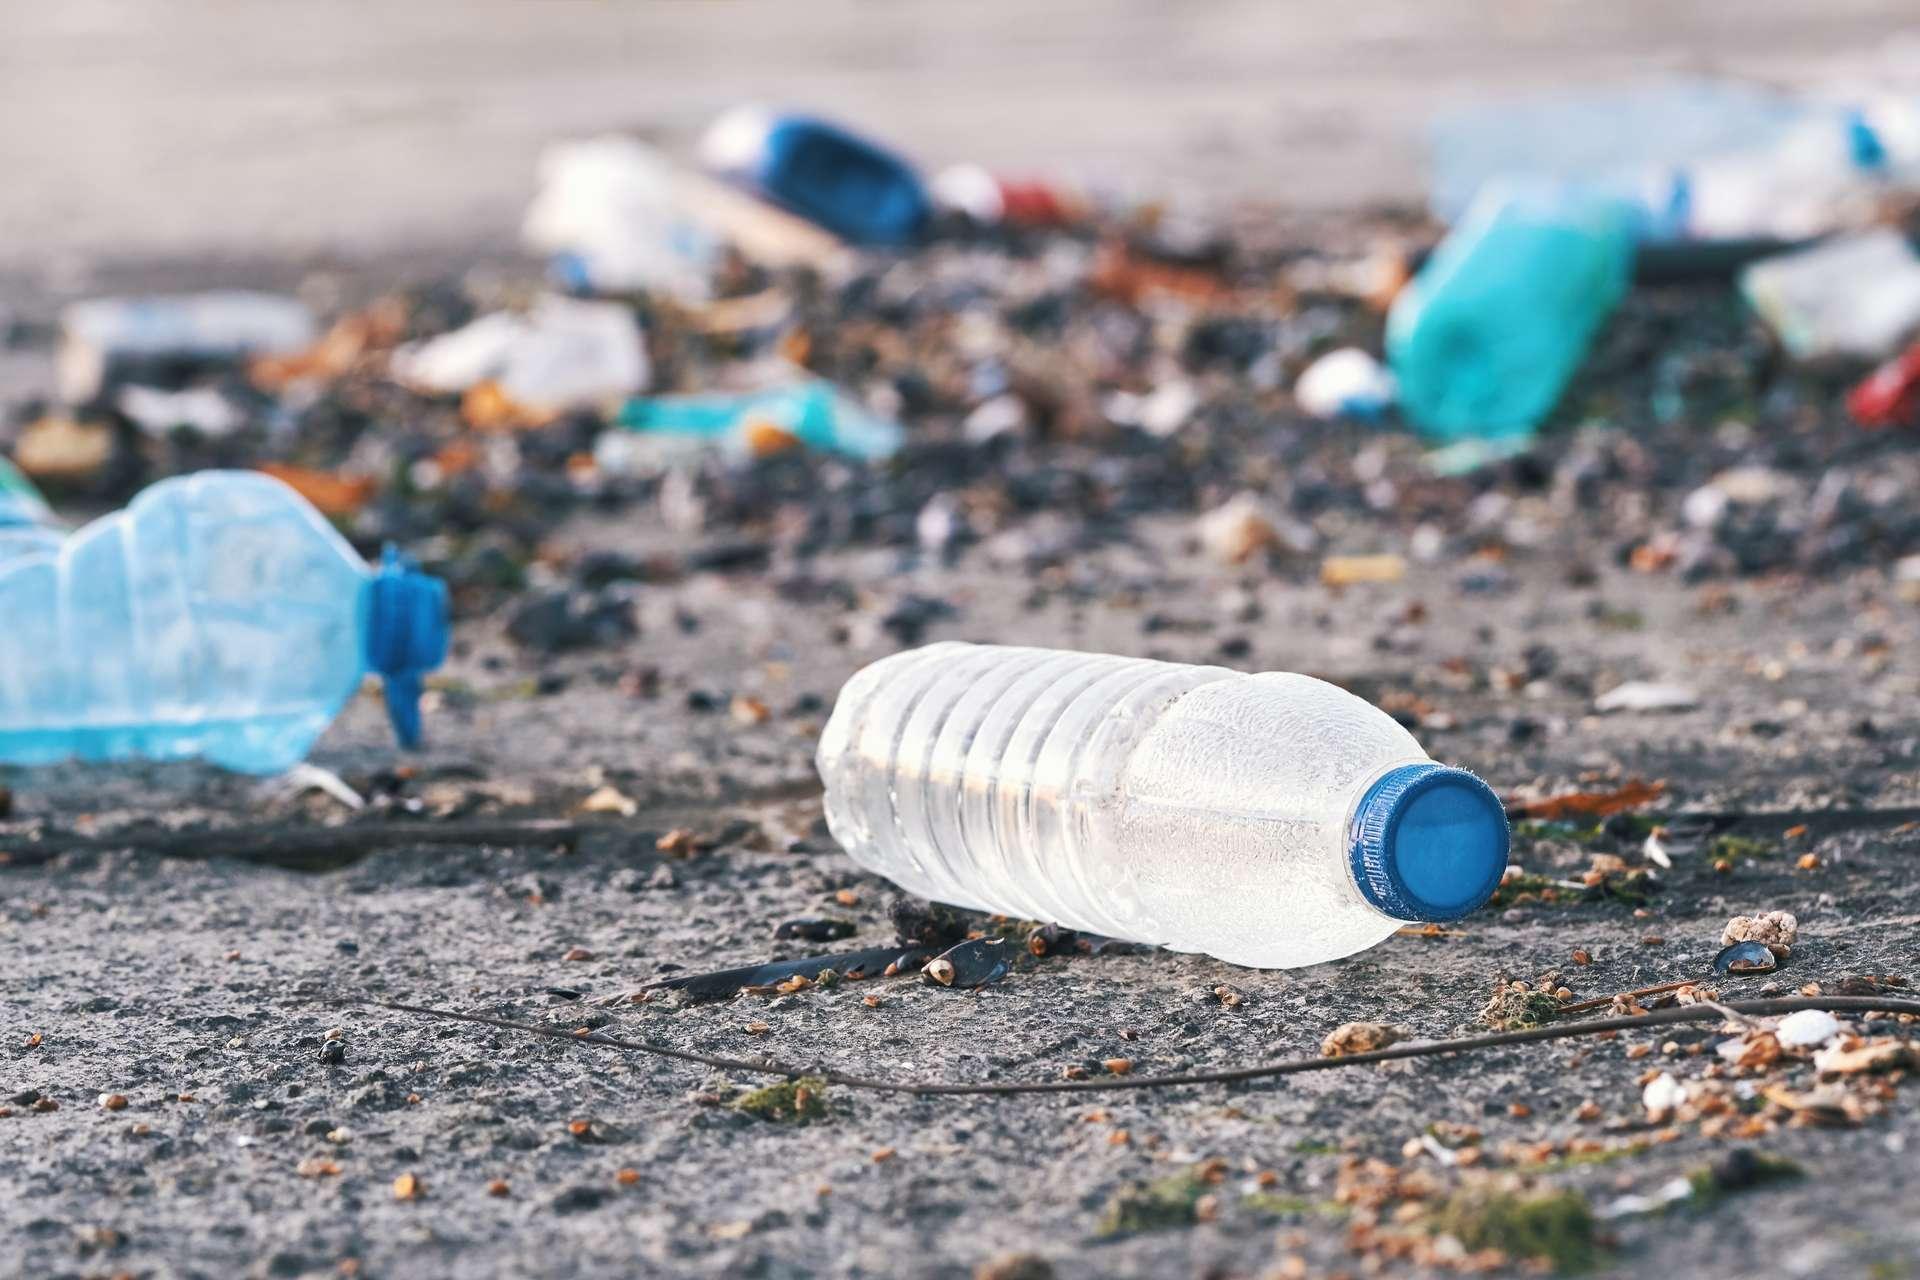 Les microplastiques sont présents dans tous les écosystèmes. © marina_larina, Adobe Stock